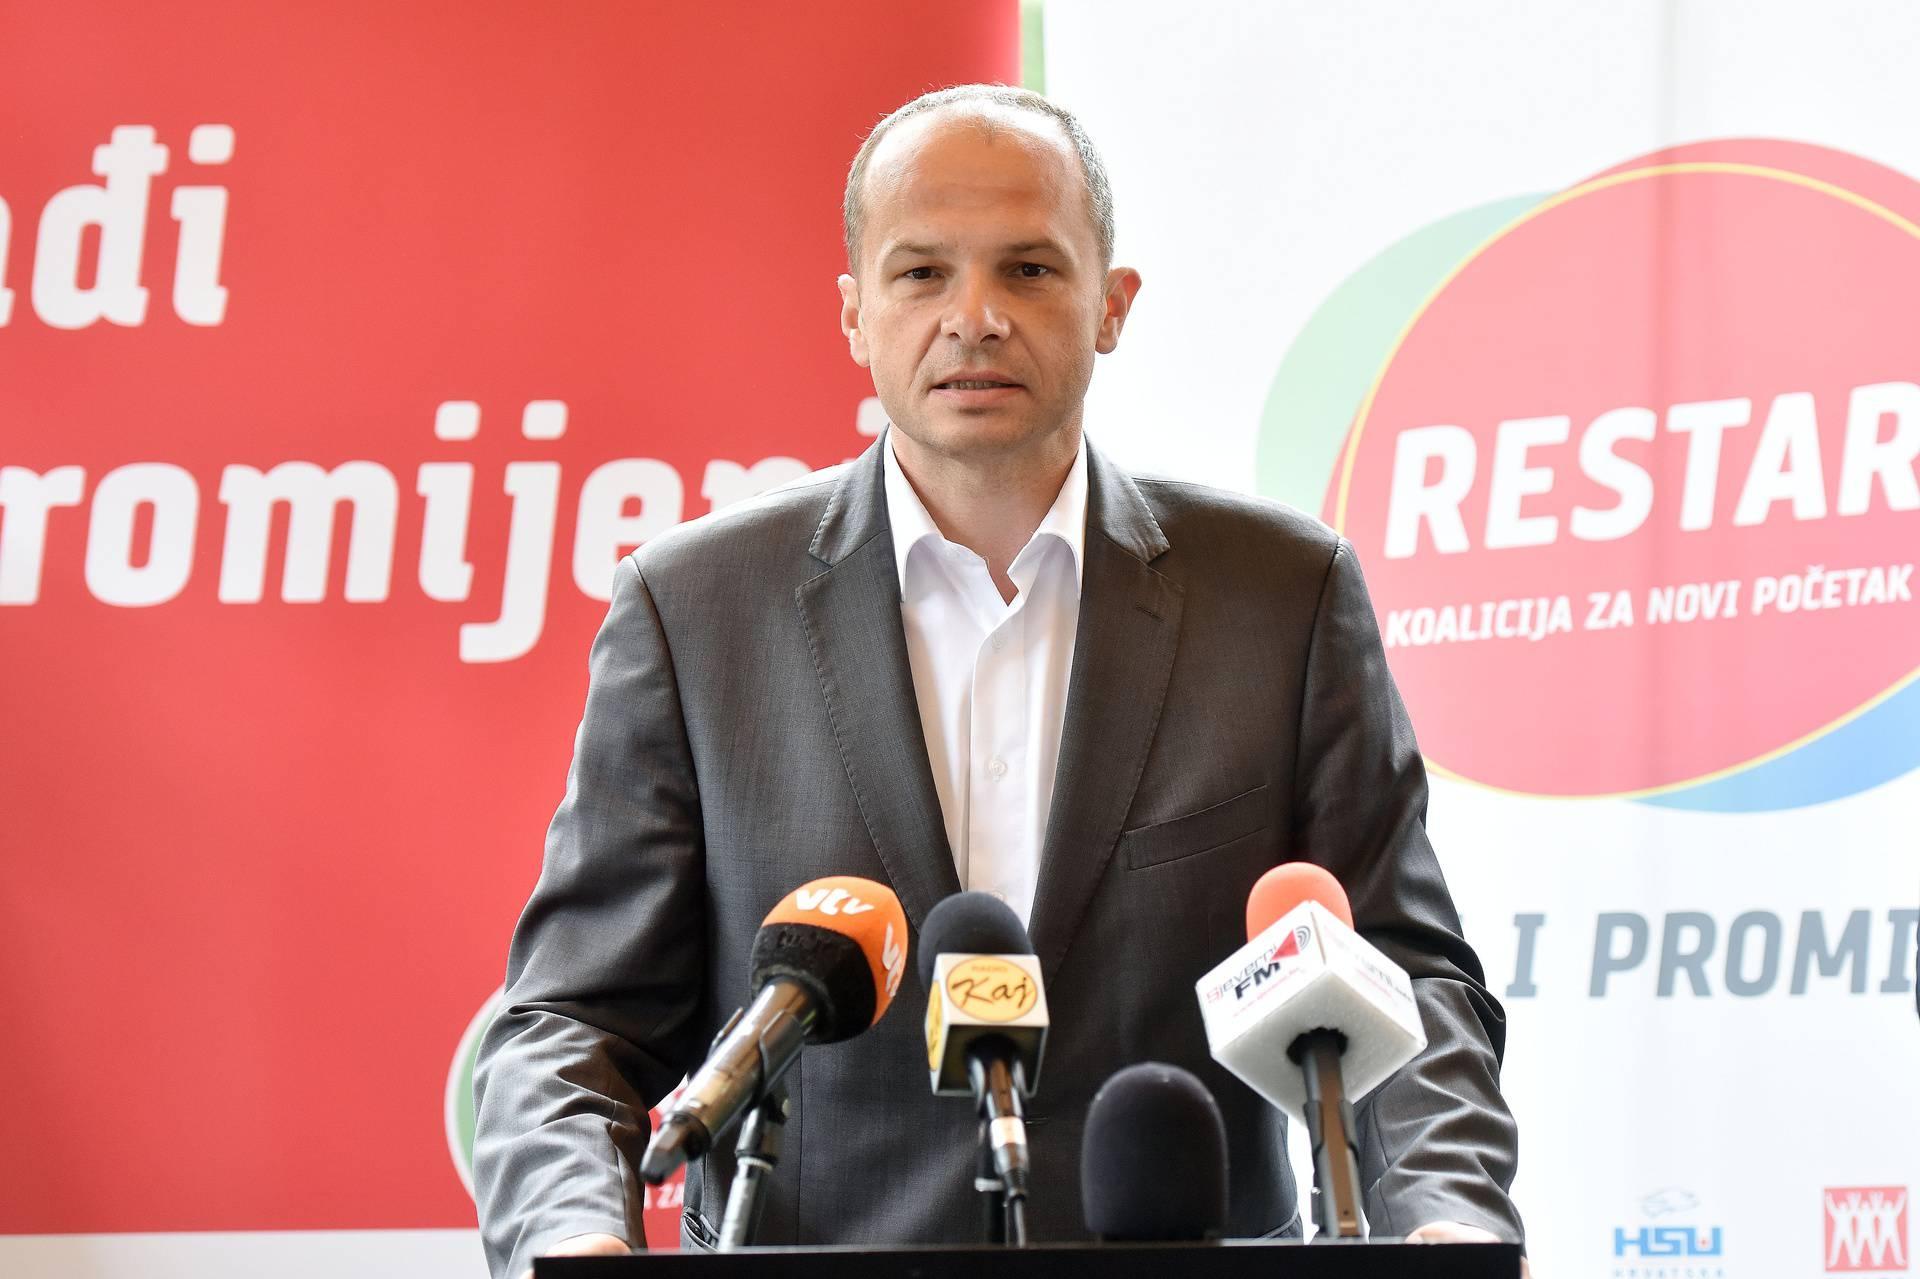 Varaždin: Predstavljanje kandidata Restart koalicije za III. izbornu jedinicu